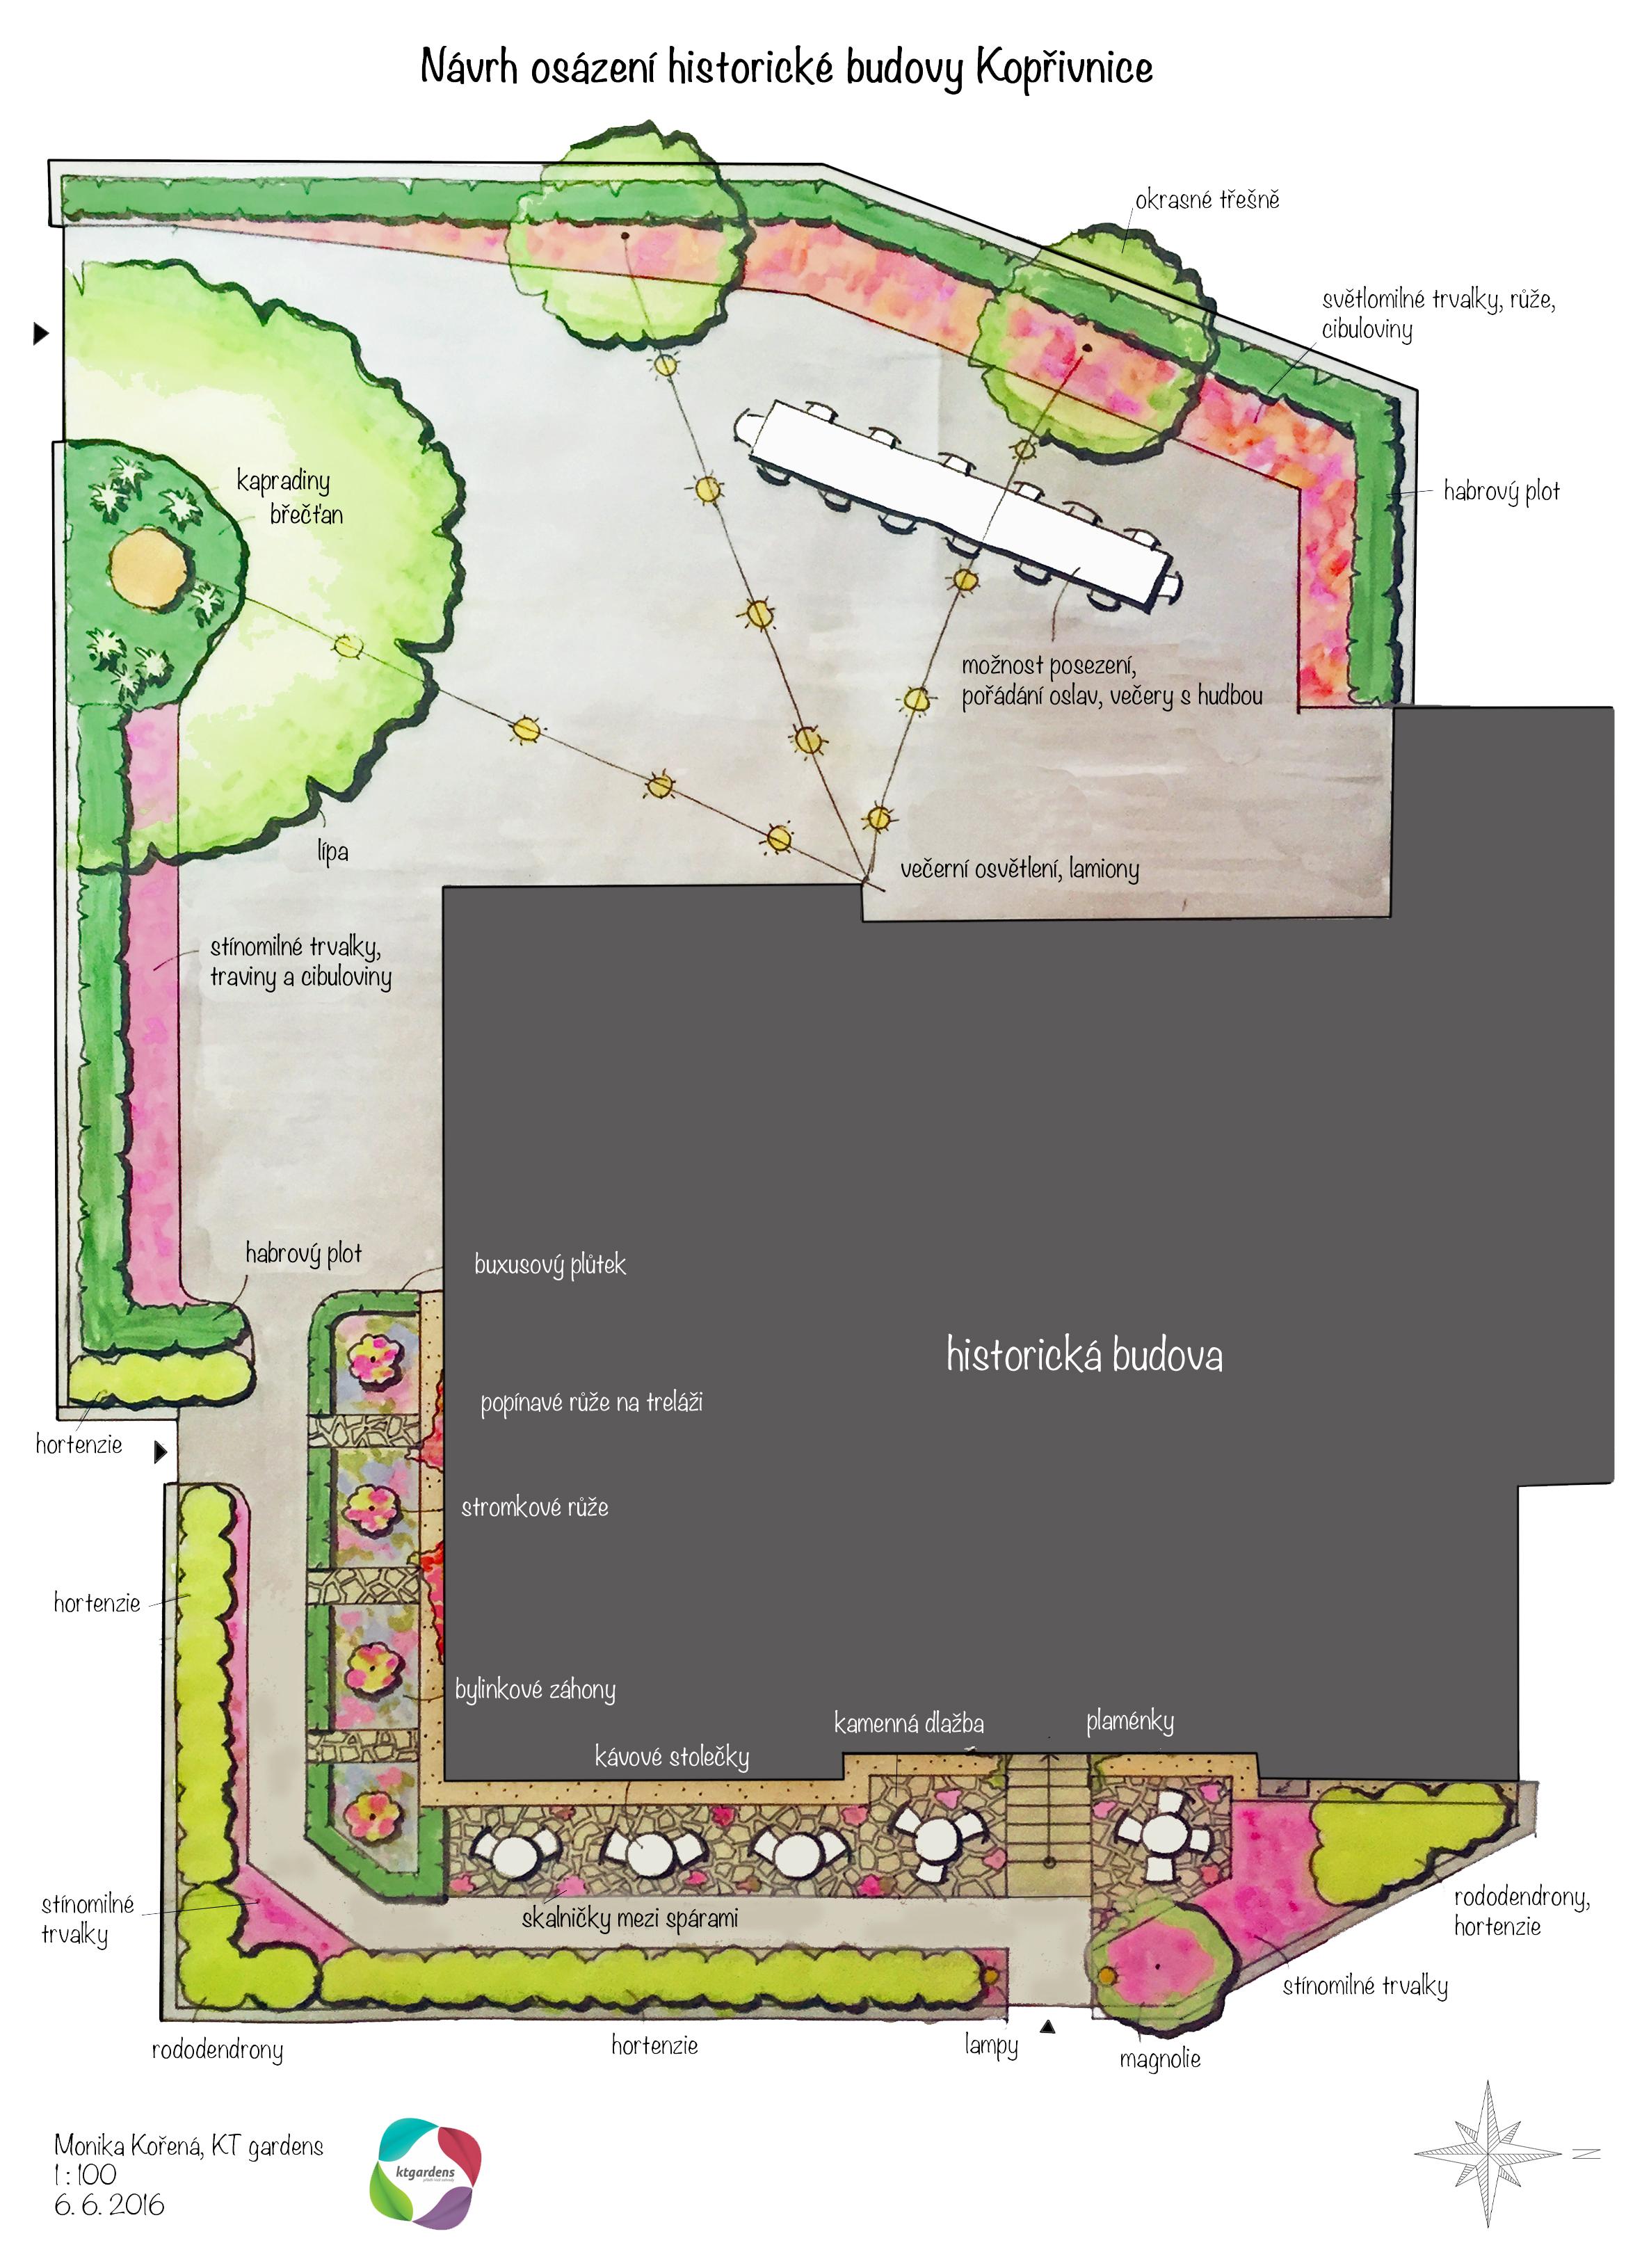 Návrh zahrady v Kopřivnici, romantická zahrada, zahrada u vily, KTgardens